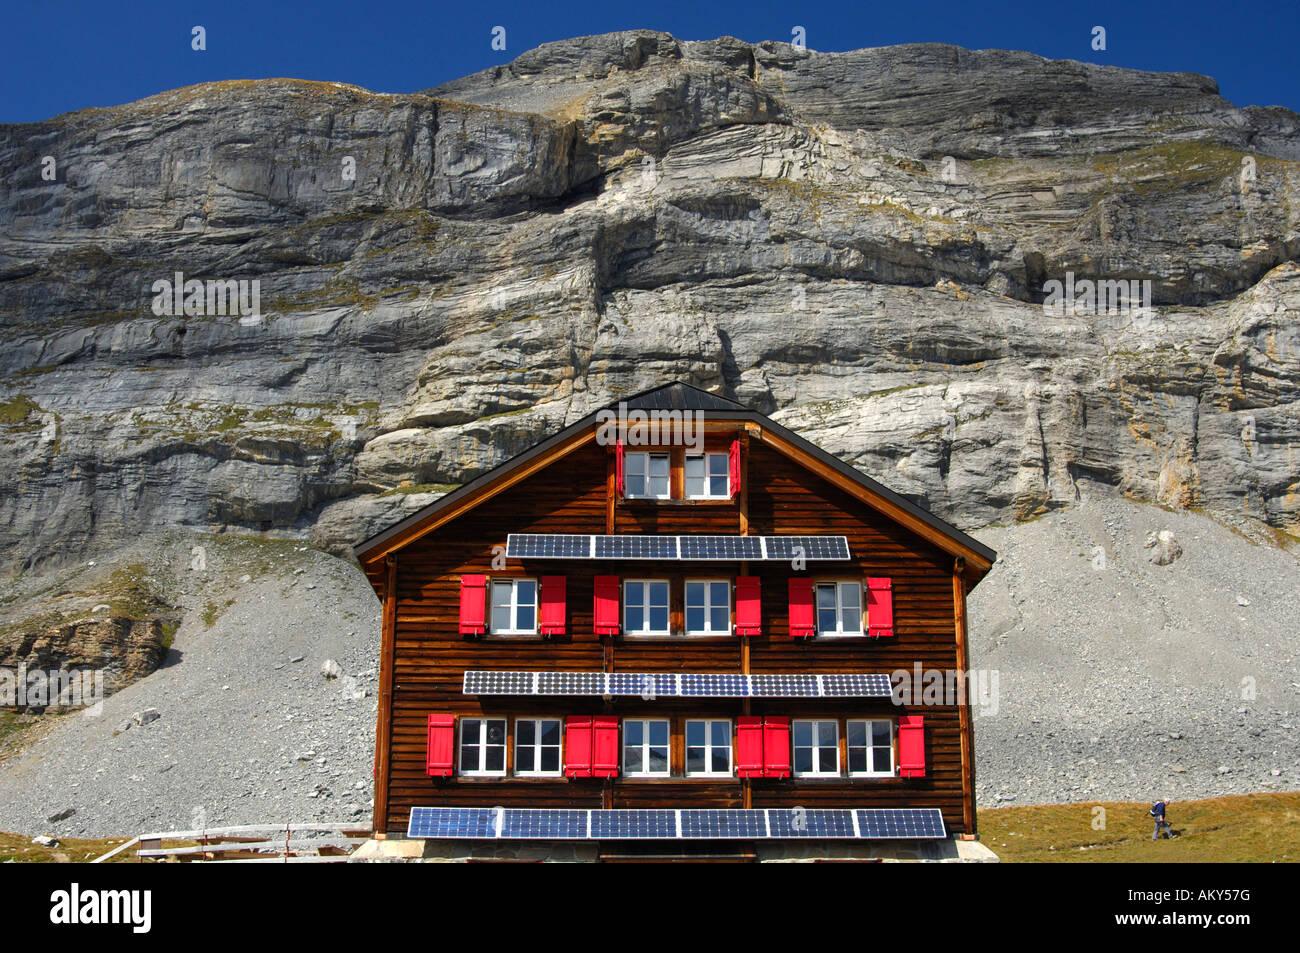 Utilisation de l'énergie solaire dans les régions éloignées, Laemmerenhuette, Club alpin Photo Stock